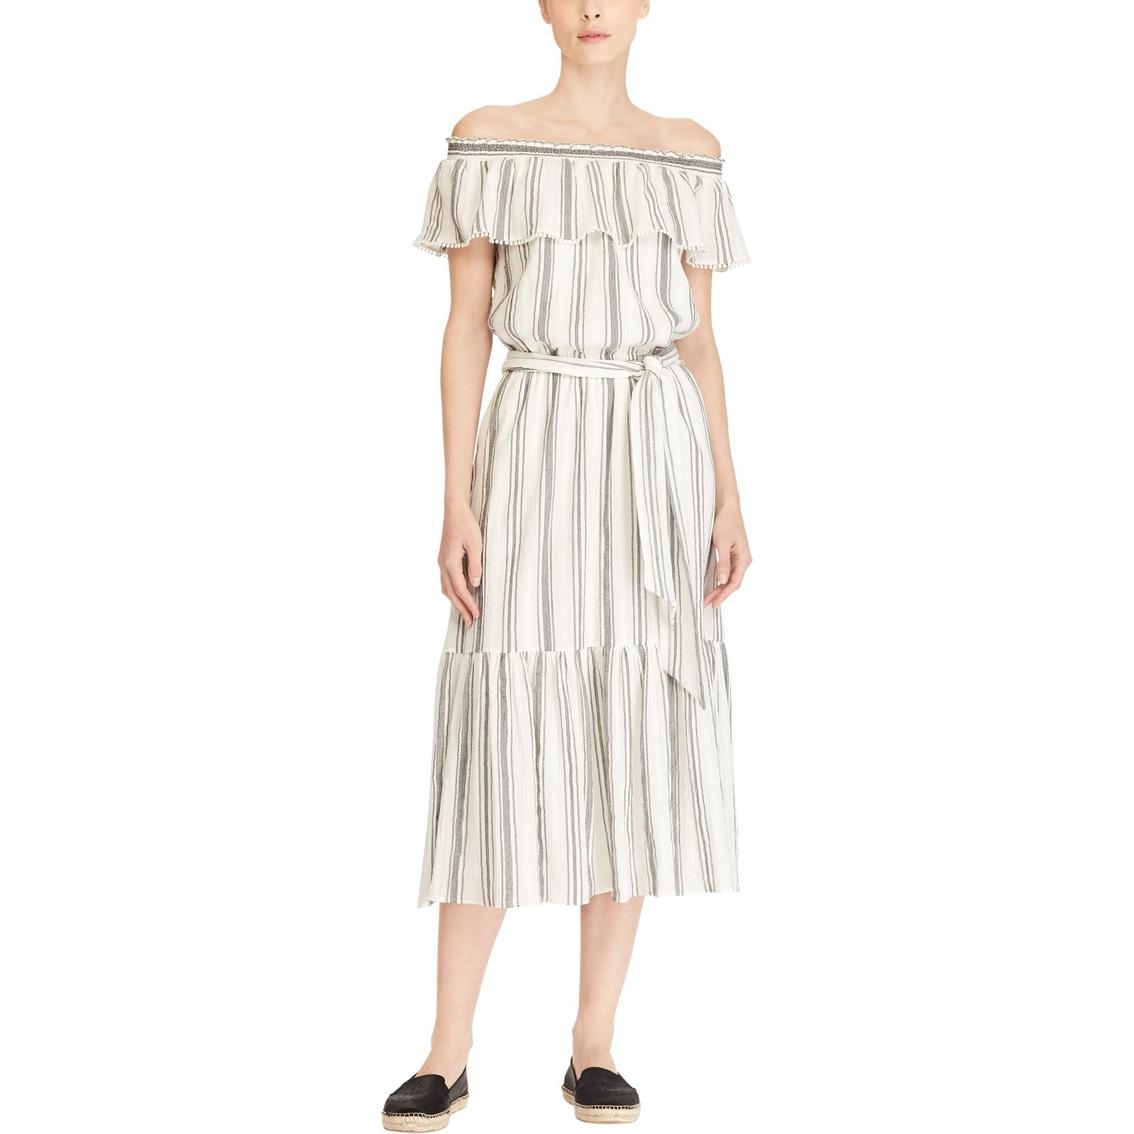 6ed5953d47 Lauren Ralph Lauren Sahara Stripe Beach Inspired Maxi Dress ...